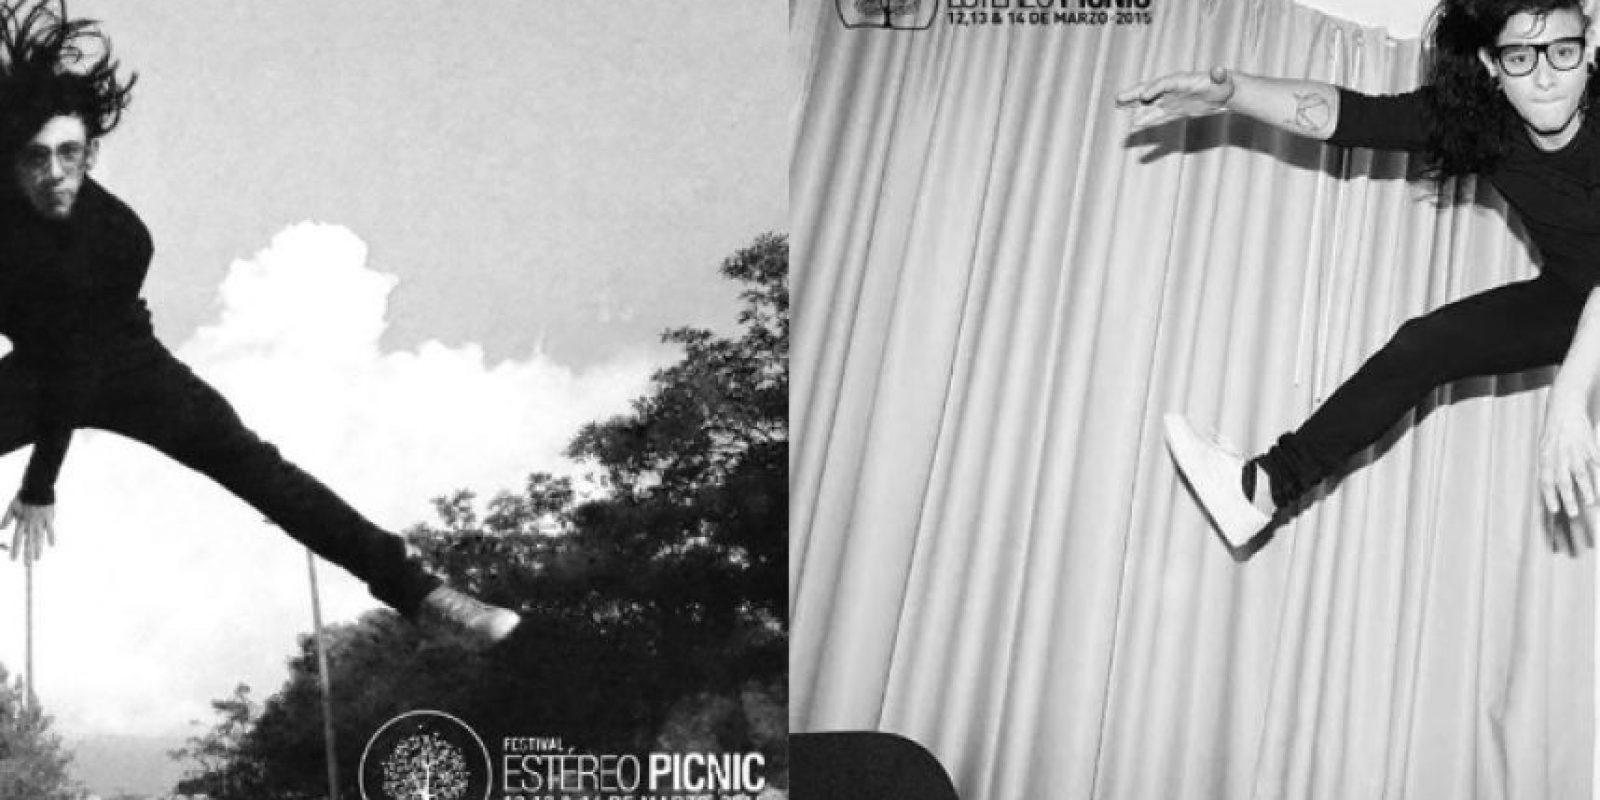 Angel Kike Osorio Parra:Por que es el unico lugar en Colombia, que reune todo tipo de artista y de generos ya cumpliendo 5 Años desde su lanzaminto, es el unico evento en colombia capaz de traer arrtistas para los gustos de todas las personas amantes de la buena musica, pasando por el EDM con invitados como Calvin Harris, Skrillex, Zedd, y tiesto, luego tocando los corazones del Reggae con Damian Marley y Quike Neira, pasando por el Buen Rock que todos amamos oir, con jack white, kings of leon, red hot chilly peppers y nine inch nails, luego pasando por la musica mas alternativa con Capital Ciities, Alt J y Empire of the sun, de ese modo llenando todos los corazones de los buenos amantes de la musica, es un lugar unico donde nos podemos liberar de todo el estres que agobia nuestros dias, son tres dias donde los hipsters, los ravers y los rockeros disfrutan como un solo publico cada sonido de un tocadiscos, de una bateria o de un solo de guitarra.Por eso es el mejor festival de musica en colombia, por que no se basa en un festival tipico de musica con un genero musical y no mas, es acerca de crer una familia, una familia que crece cada año con el festival, aumentando su fanaticada, su line up y nunca viendo atras dejando claro que los limites que tiene estereo picnic son infinitos y posiblemente deje de ser el mejor festival musical de colombia y se convierta en el mejor festival de sudamerica y quien sabe, tal vez despues el mejor festival del mundo